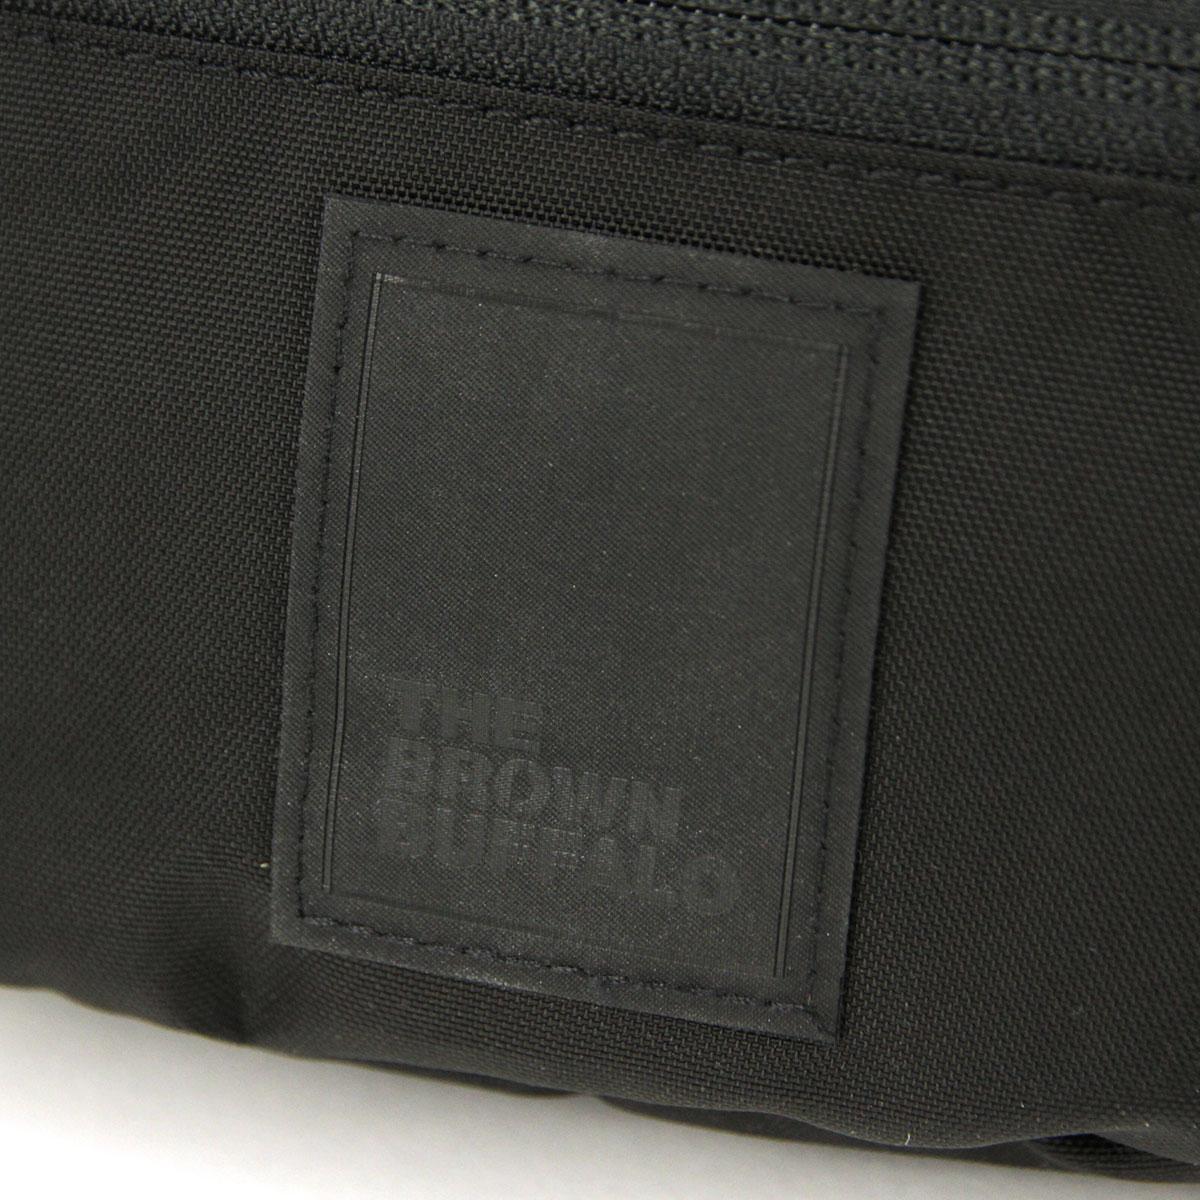 ザ ブラウン バッファロー バッグ メンズ レディース 正規販売店 THE BROWN BUFFALO ショルダーバッグ ボディバッグ BEYONDSLING BLACK F18BS420DBLK1 AA7B B3C C8D D4E E13F